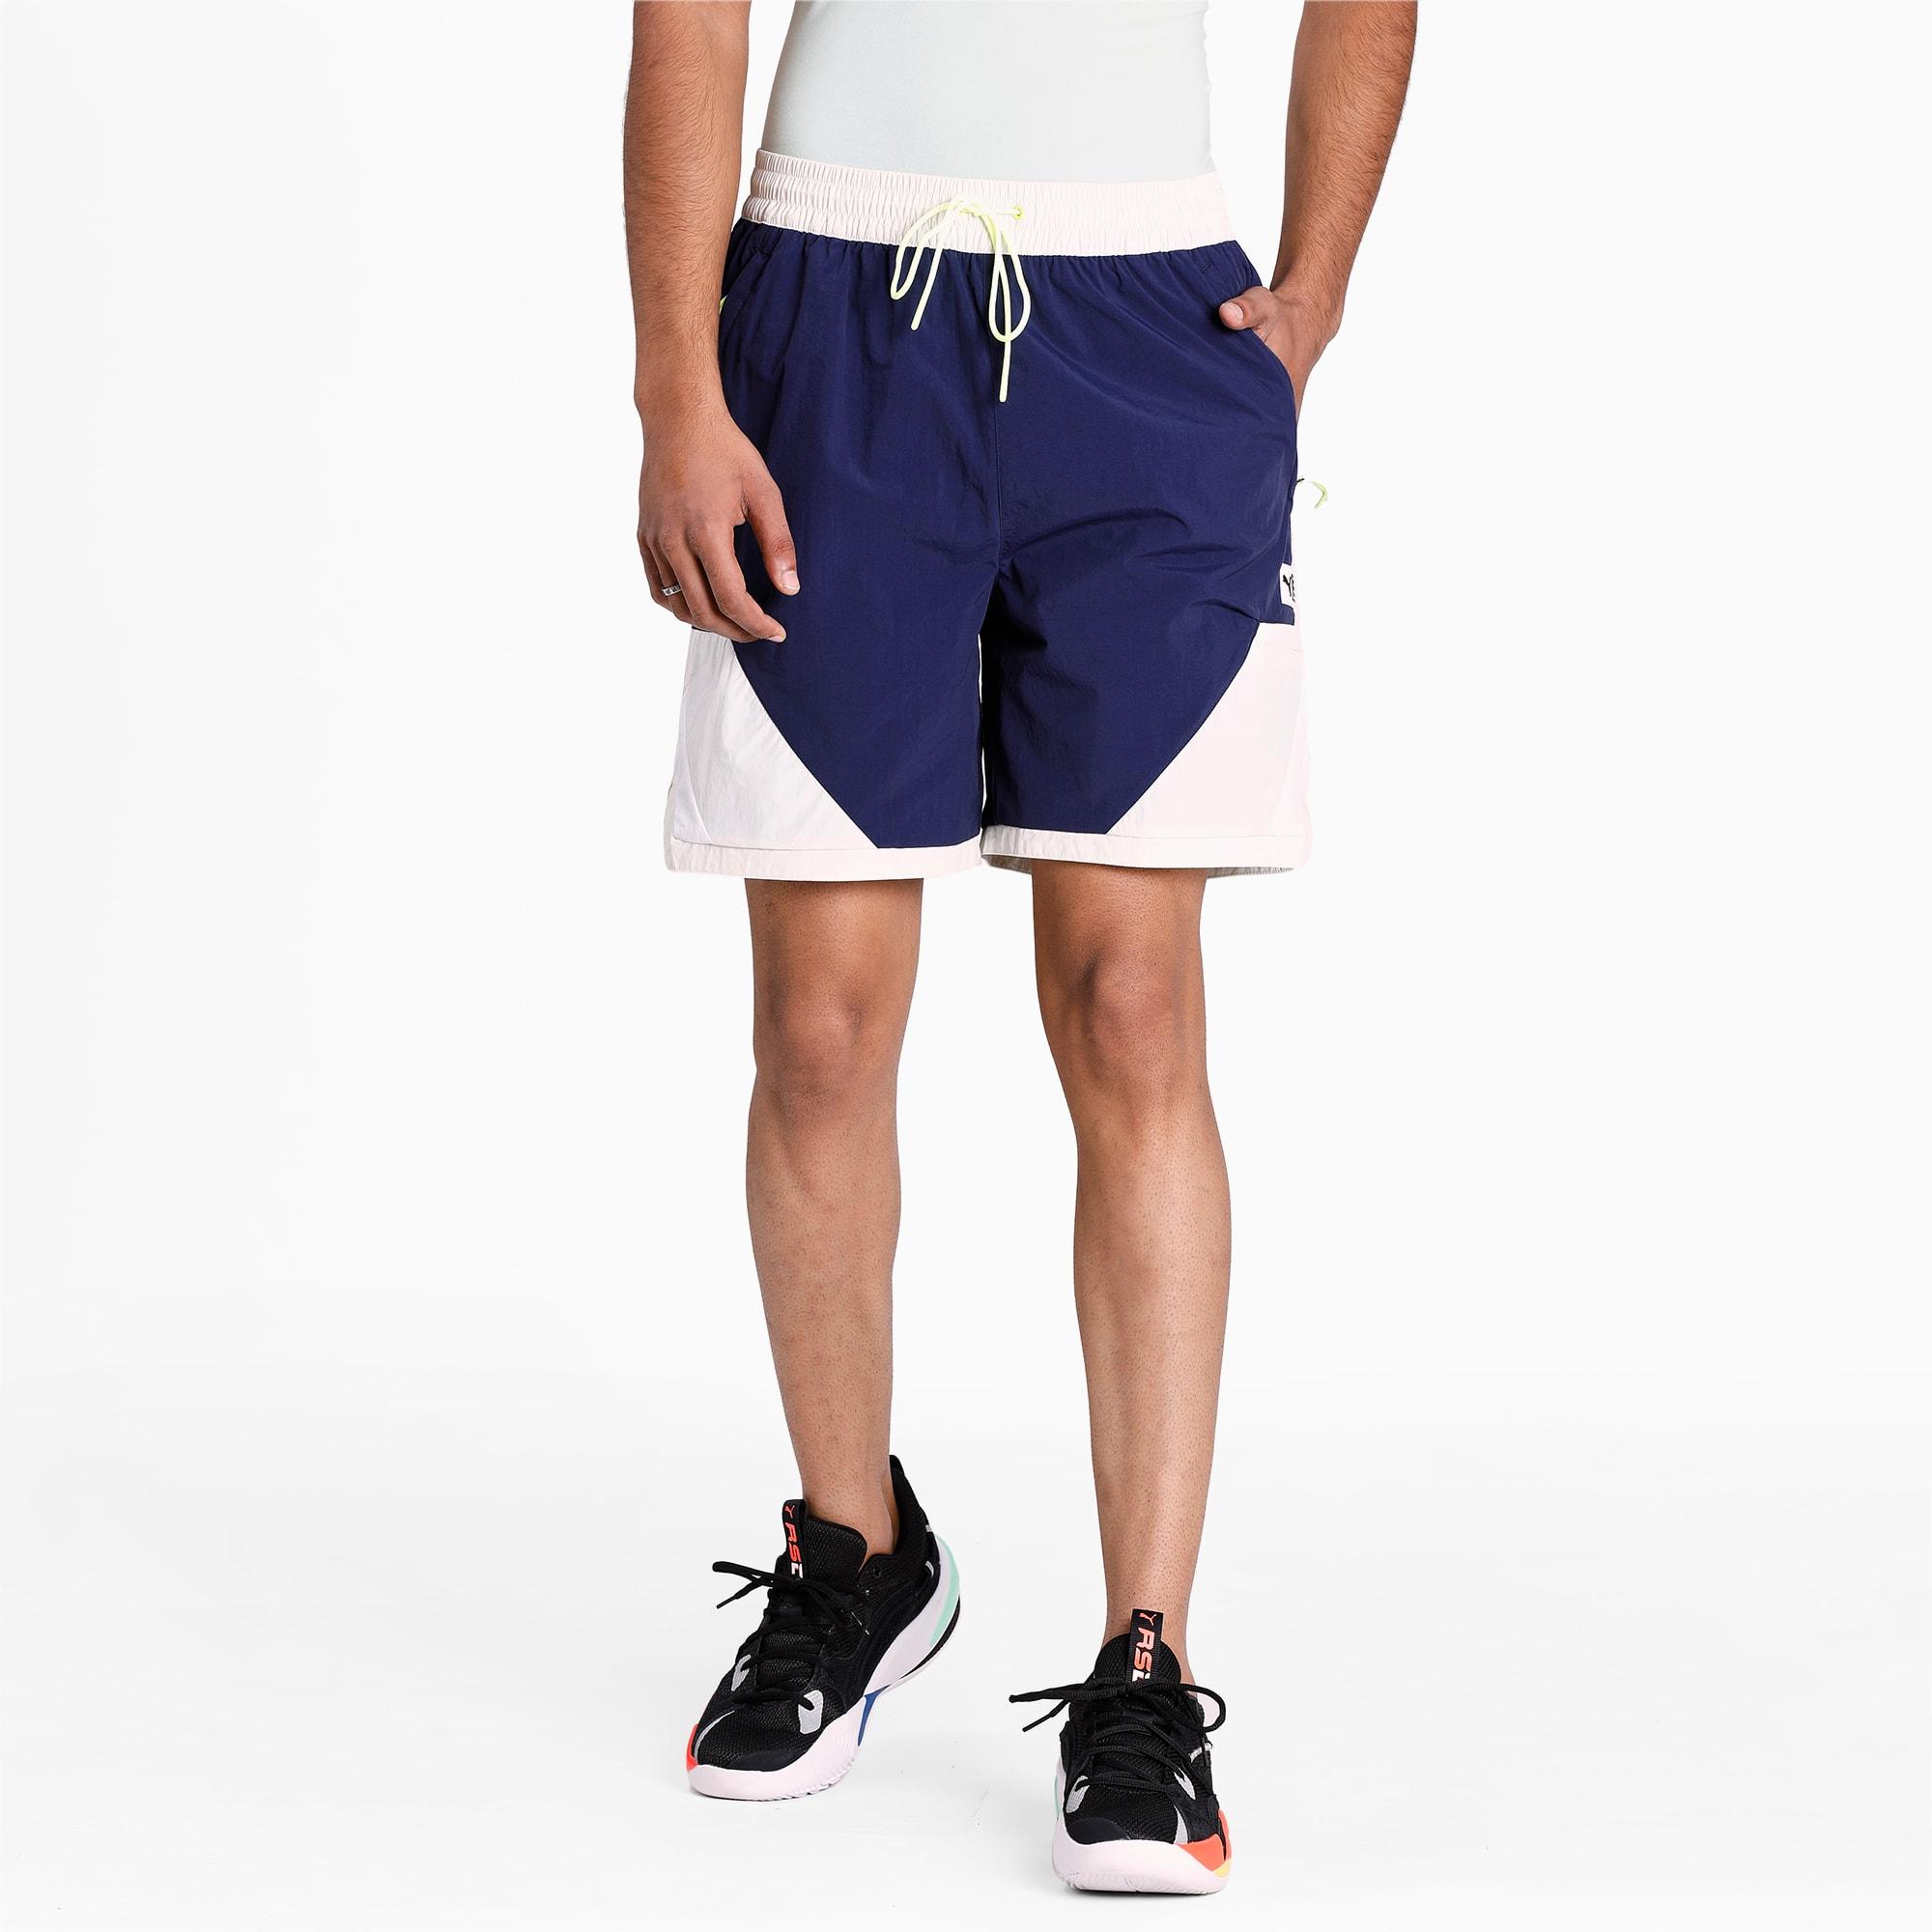 Shorts Parquet Basketball Para Hombre, Azul, Talla L   PUMA Hombres